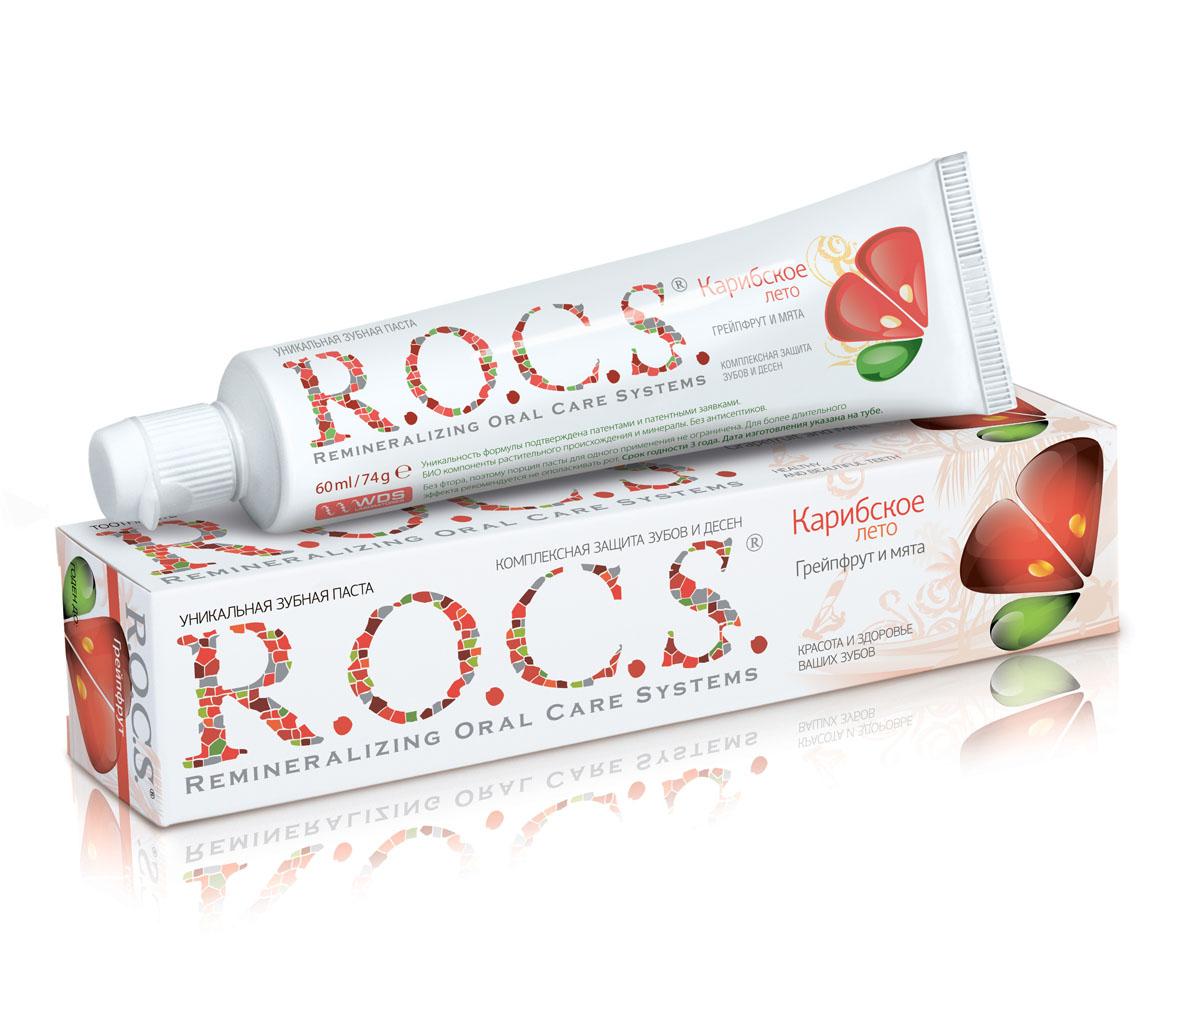 Зубная паста R.O.C.S. Грейпфрут и мята, 74 г32700015Уникальная зубная паста R.O.C.S. Грейпфрут и мята - комплексная защита зубов и десен. Значительное количество ингредиентов зубной пасты попадает в кровь через слизистую оболочку полости рта в момент чистки зубов. Вот почему так важно, чтобы паста была безопасной. Запатентованная формула R.O.C.S. содержи био-компоненты растительного происхождения, активность которых сохраняется благодаря применяемой низкотемпературной технологии приготовления зубной пасты. Высокая эффективность R.O.C.S. подтверждена клиническими исследованиями: Защищает от кариеса и нормализует состав микрофлоры полости рта; Возвращает белизну и блеск эмали за счет действия ферментативной системы в сочетании с минеральным комплексом; Устраняет кровоточивость и воспаление десен без применения антисептиков. Характеристики: Вес: 74 г. Производитель: Россия. Артикул: 70548. Товар сертифицирован.